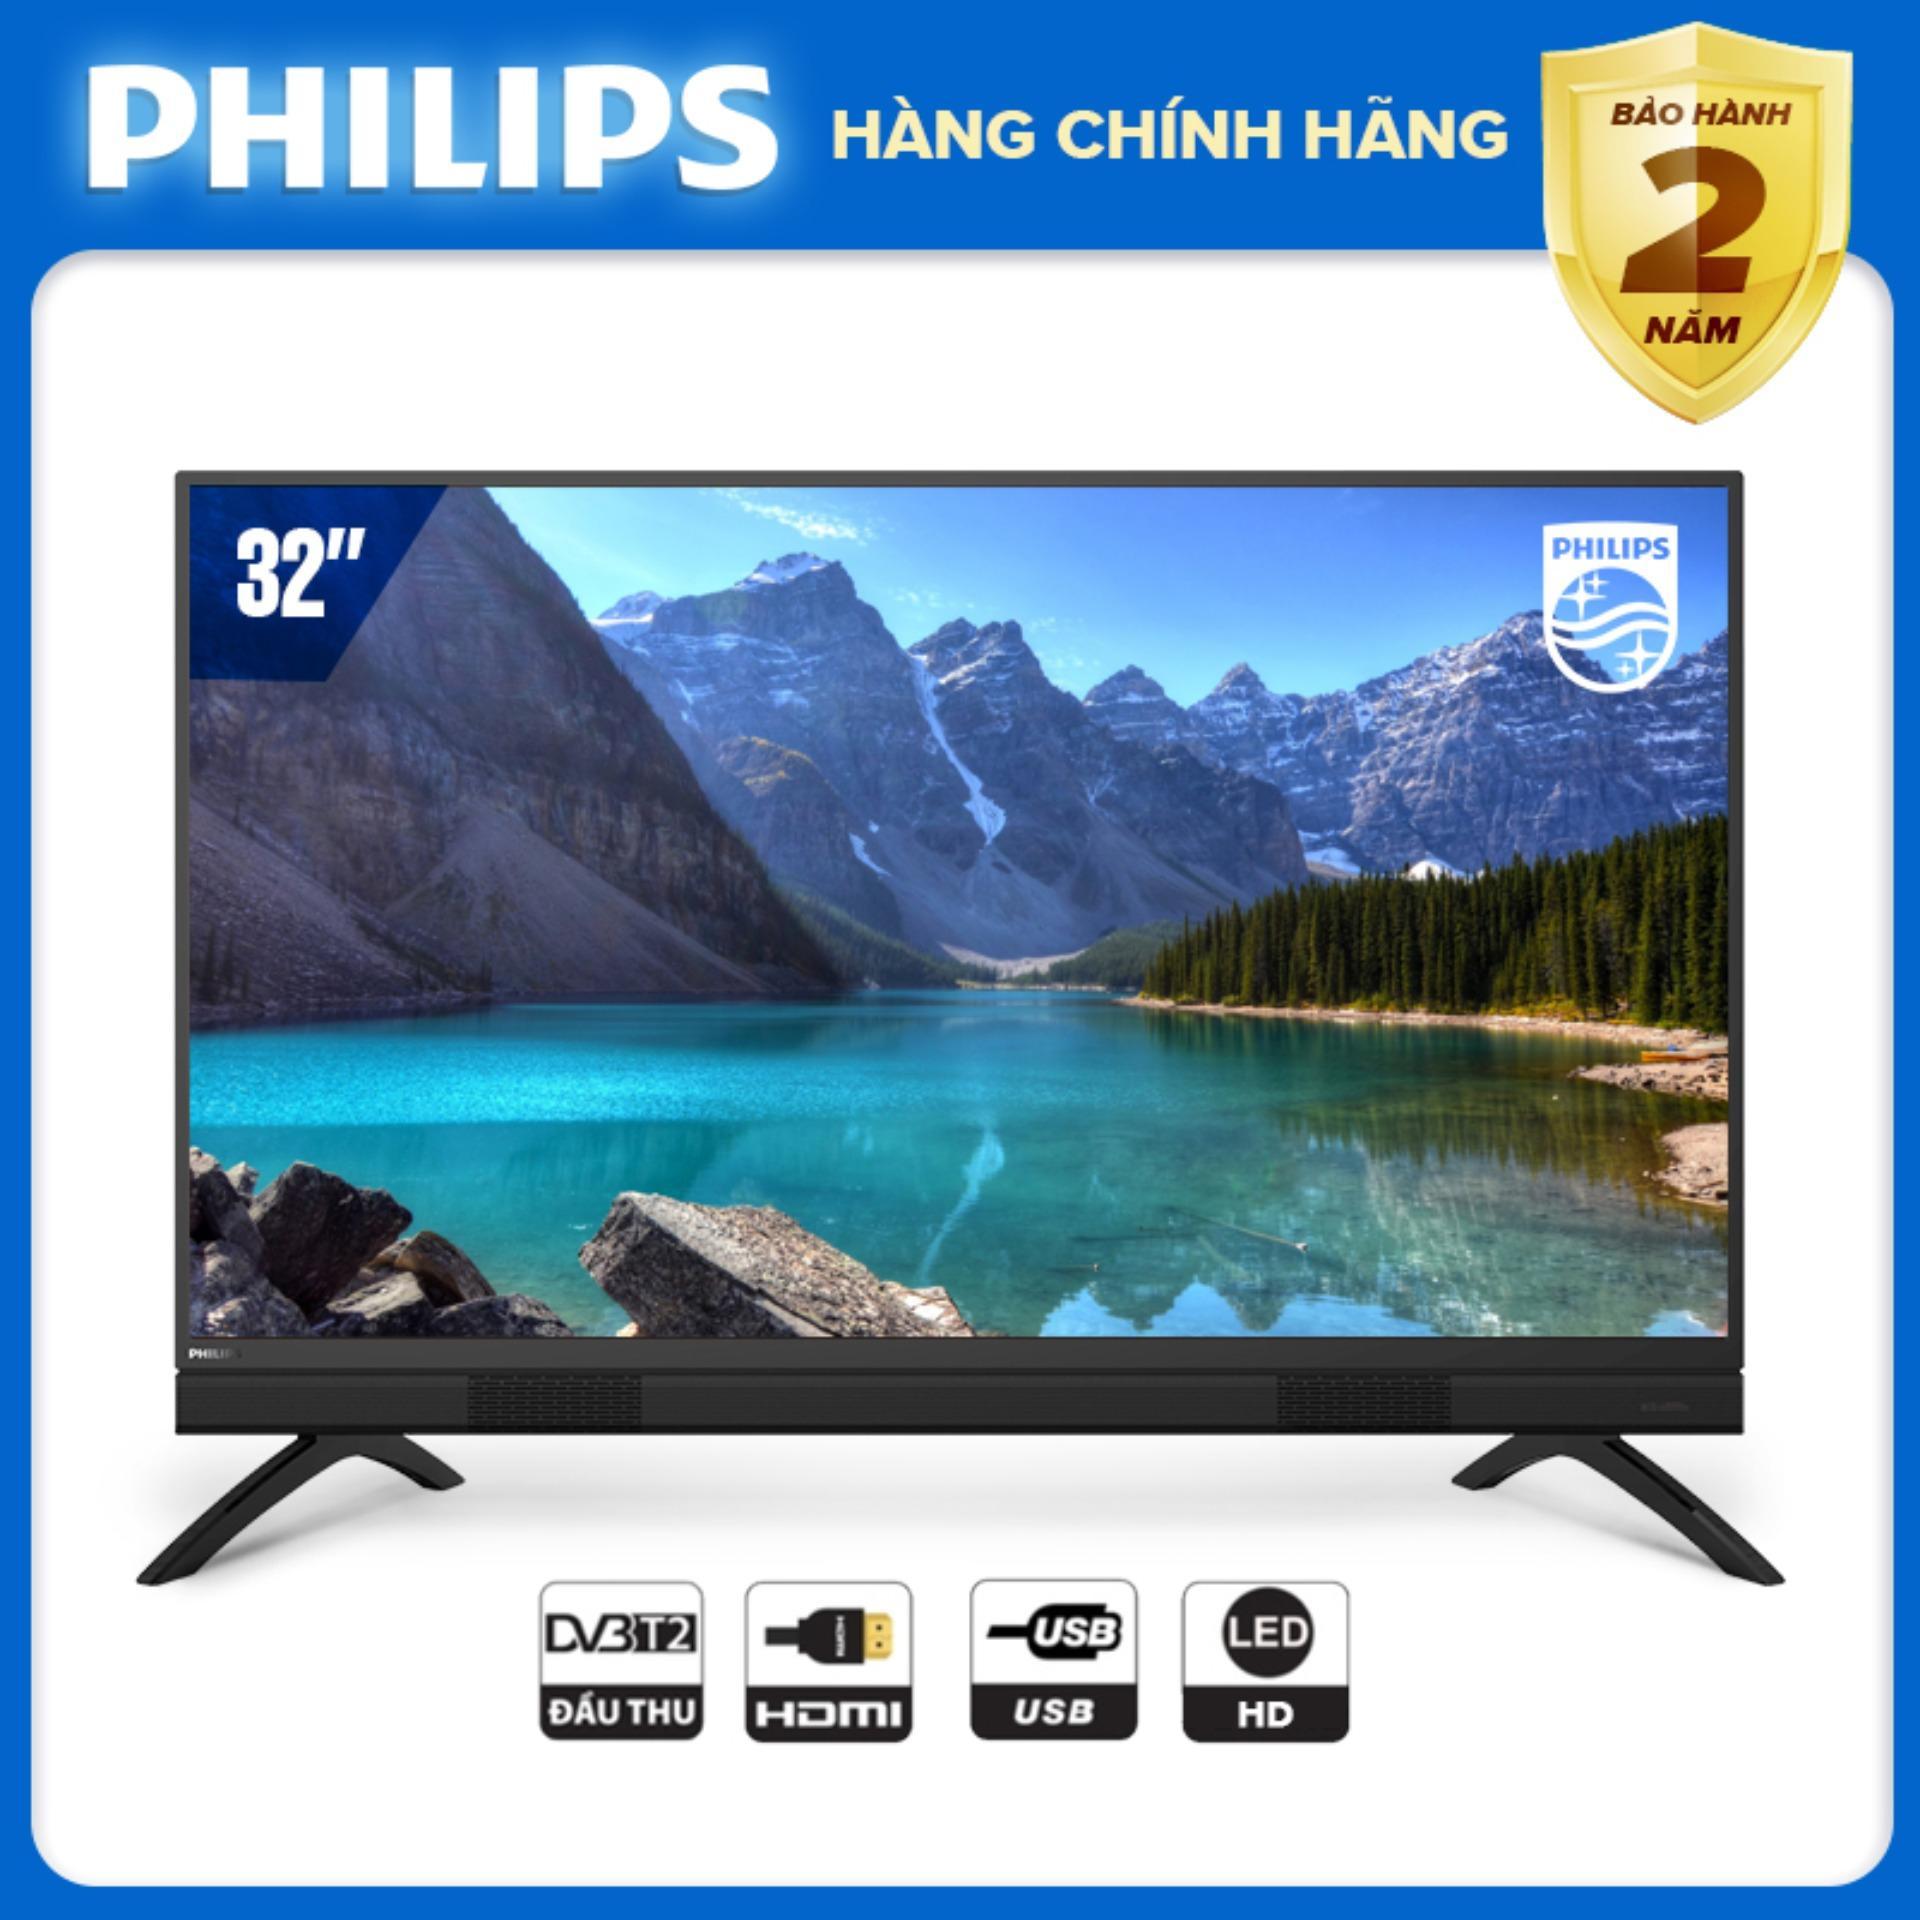 Bảng giá TIVI PHILIPS 32 INCH LED HD Digital TV DVB-T2 - hàng Thái Lan - Bảo hành 2 năm tại nhà - Hàng chính hãng giấy tờ đầy đủ - 32PHT5583/74 Tivi Philips